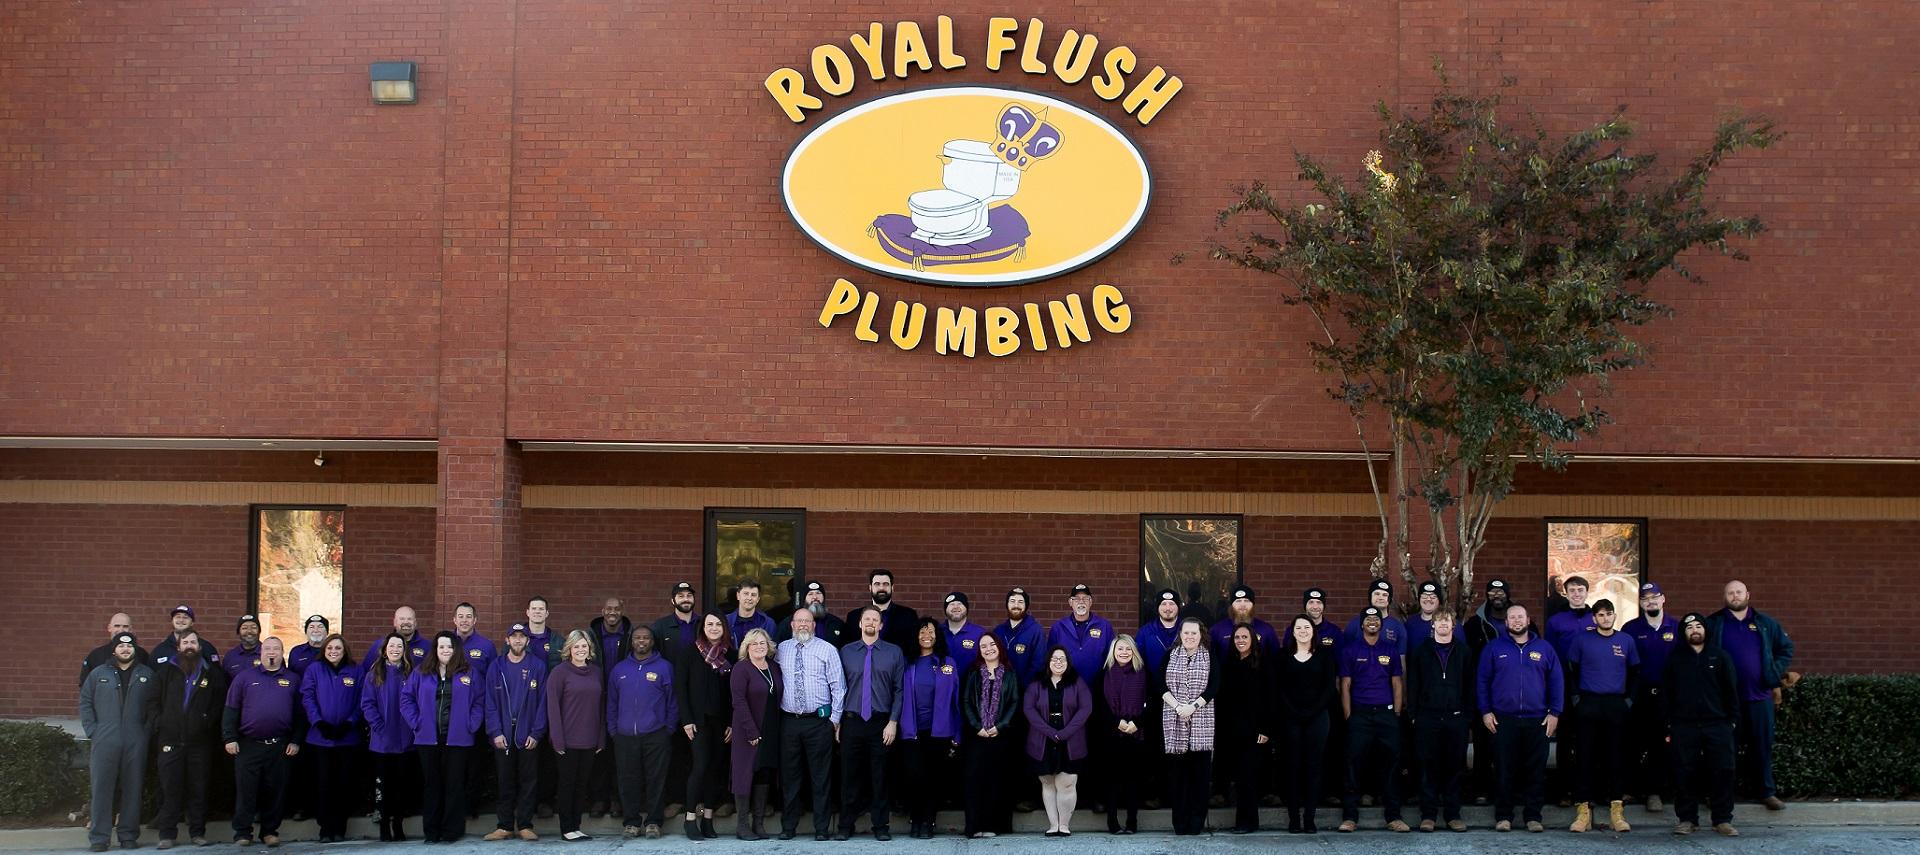 Royal Flush Plumbing Sprinter